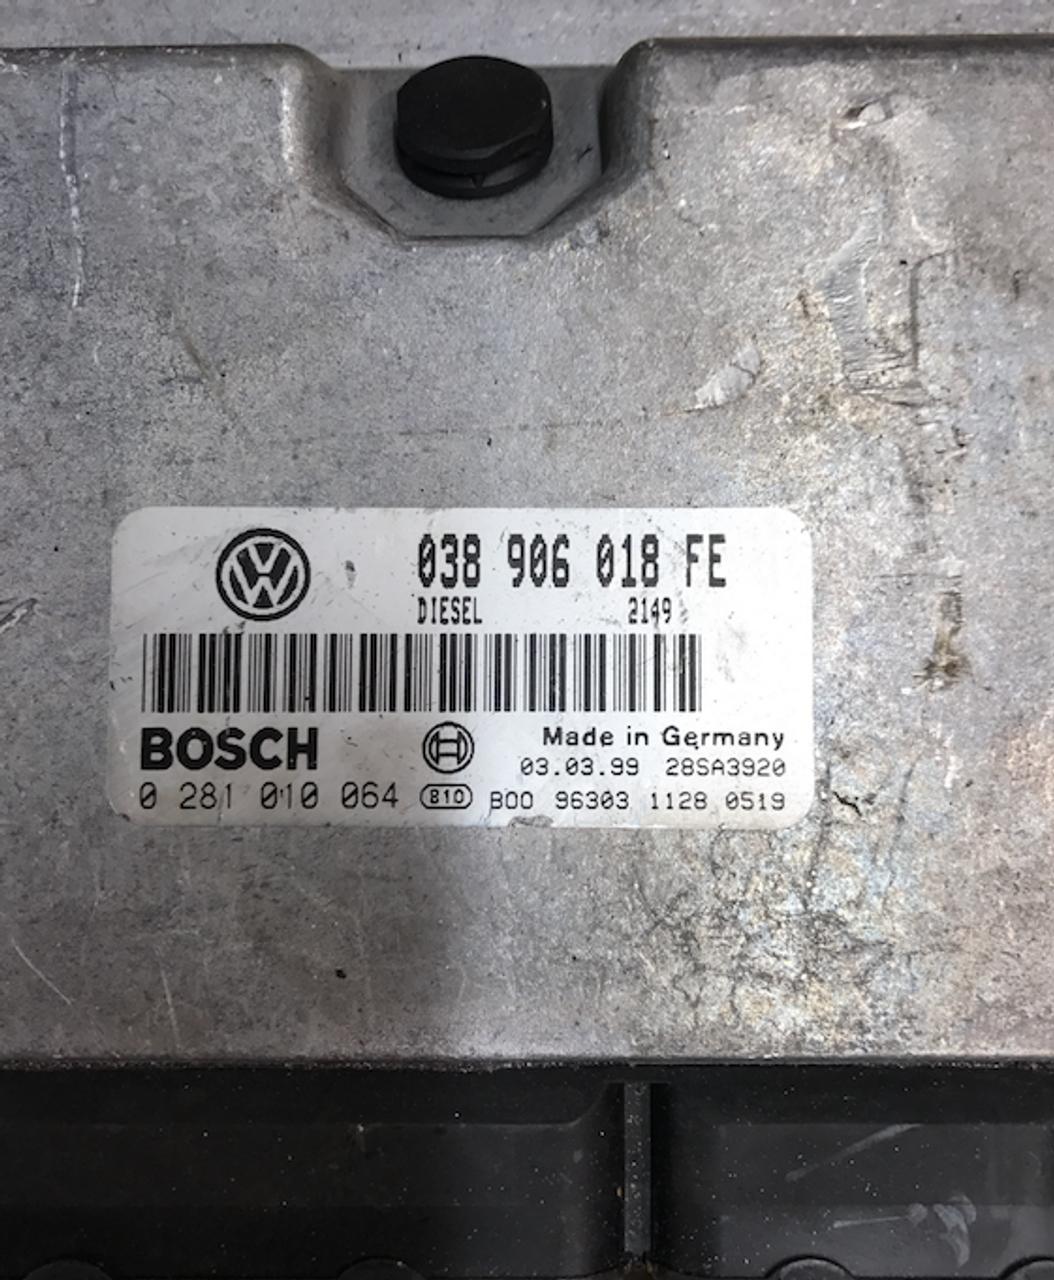 Volkswagen Passat 1.9 TDi  0281010064  0 281 010 064  038906018FE  038 906 018 FE